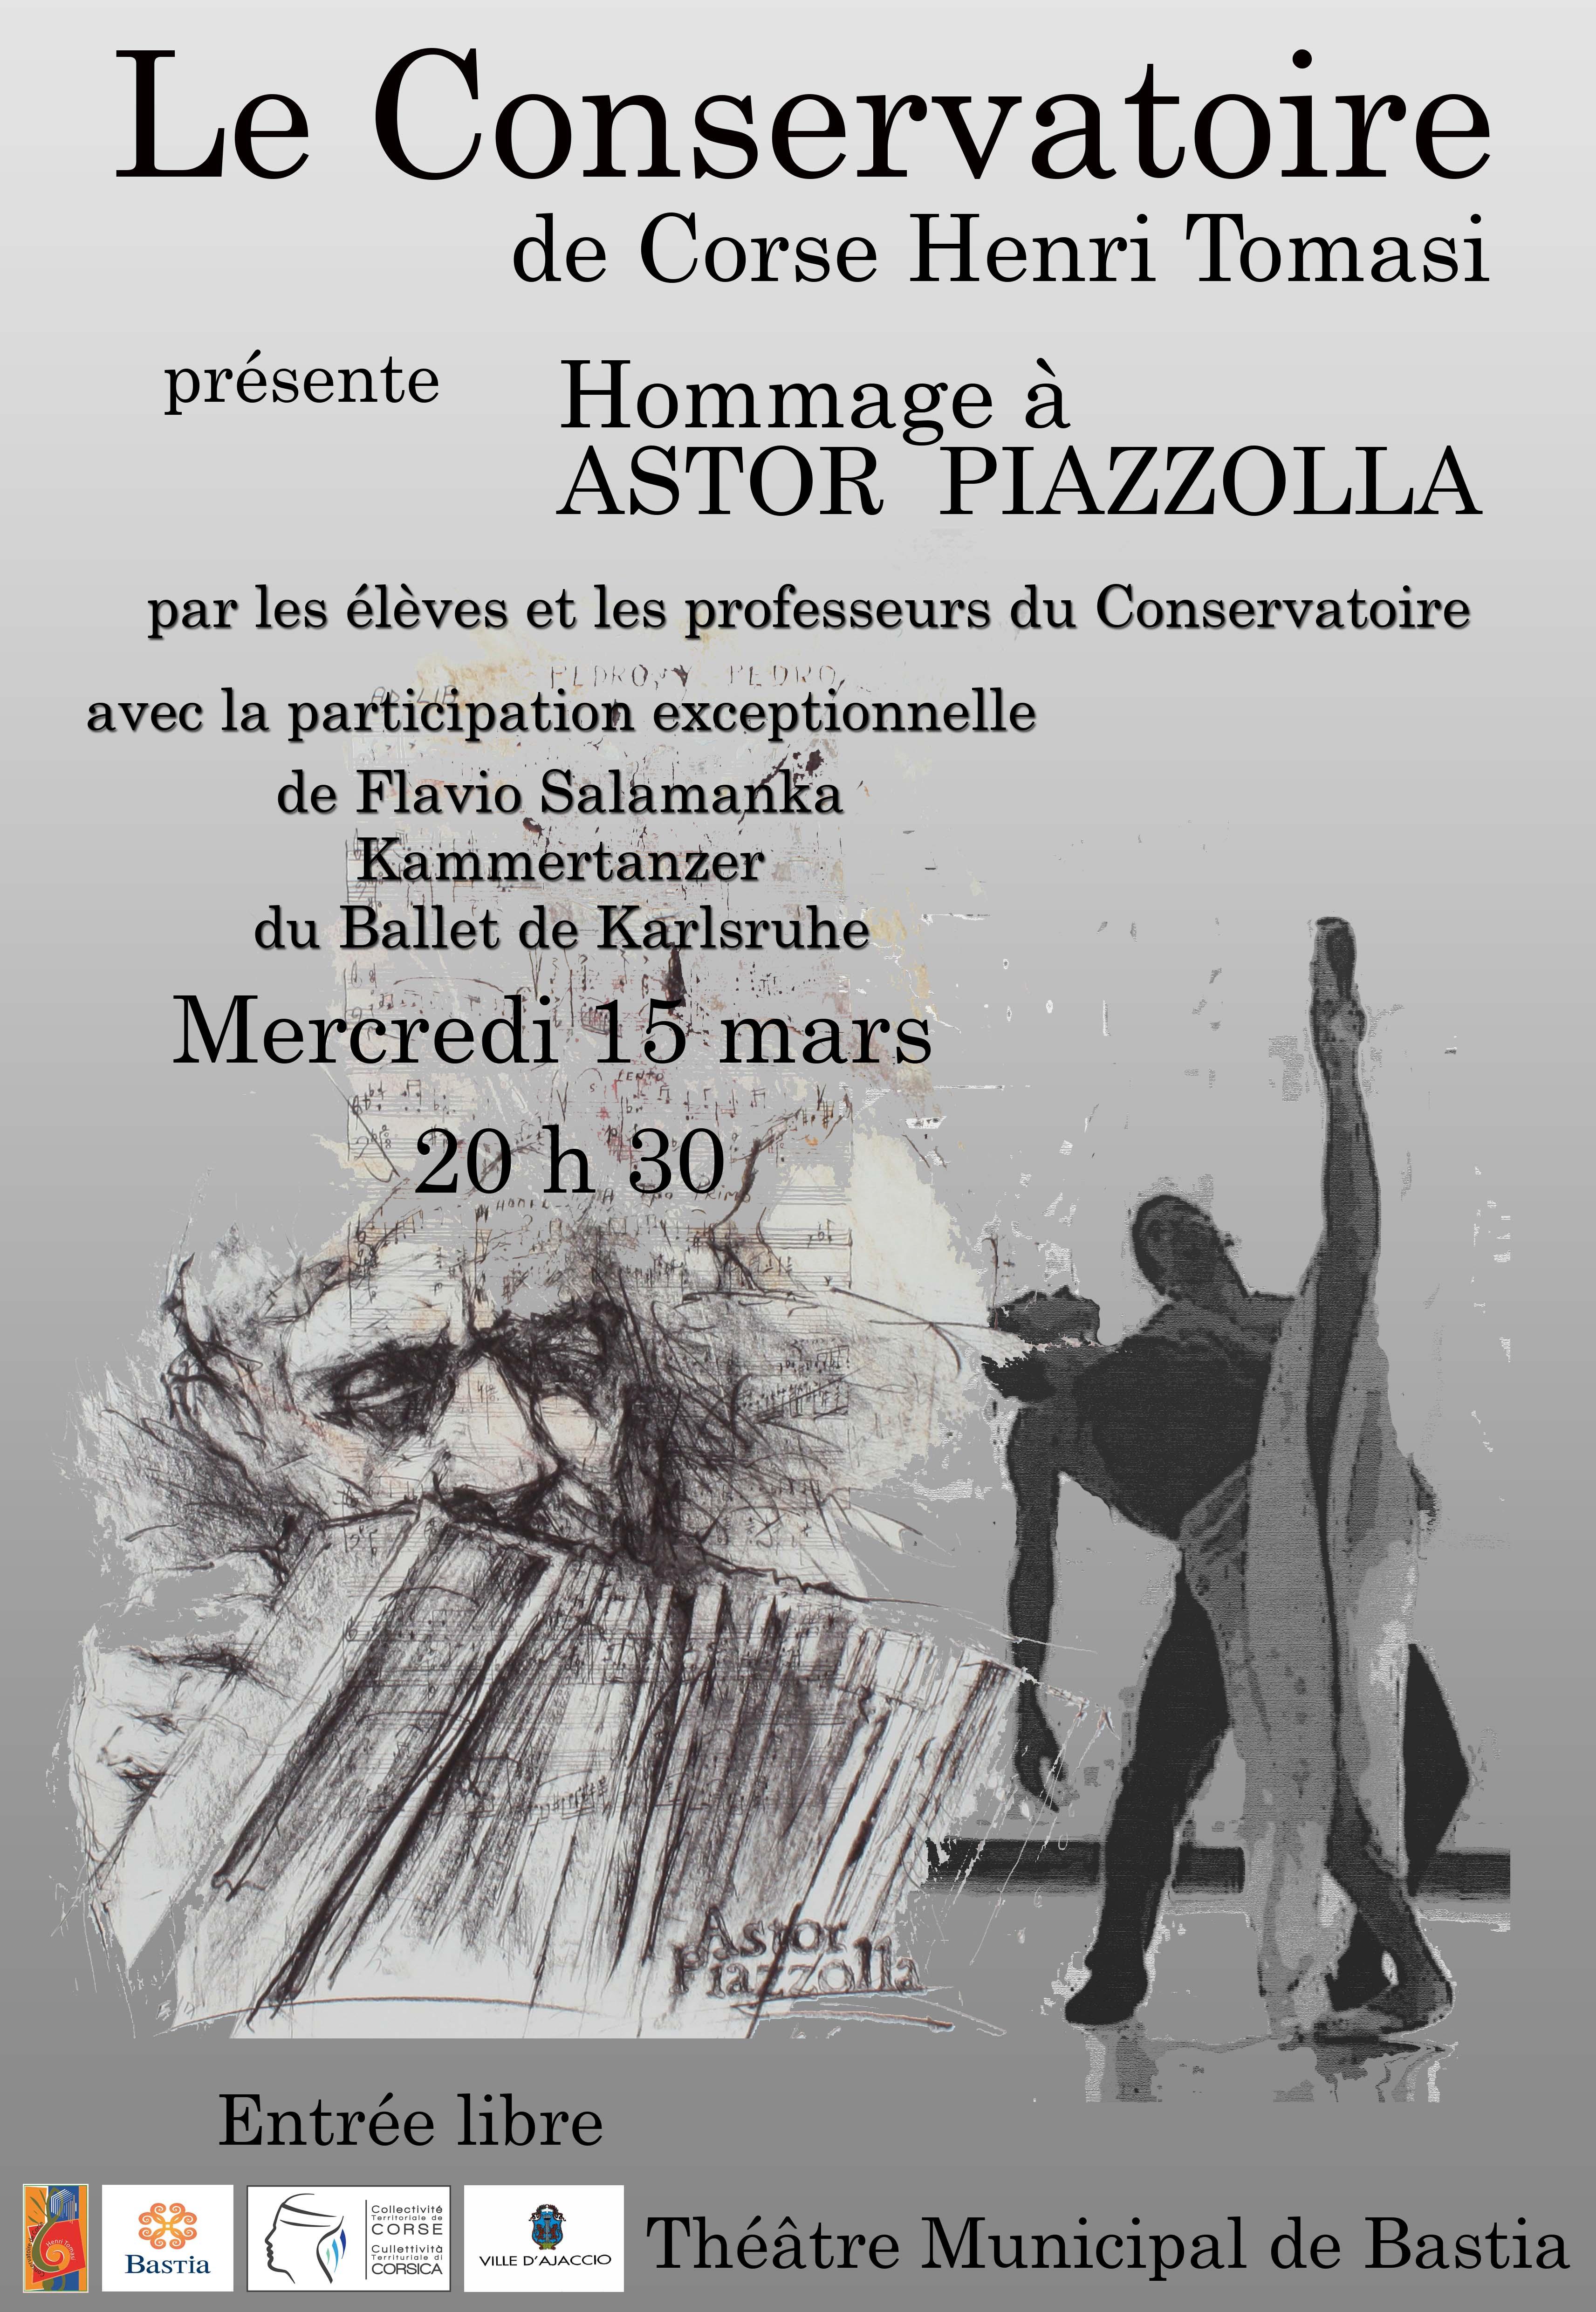 Une soirée pour célébrer la musique d'Astor Piazzolla